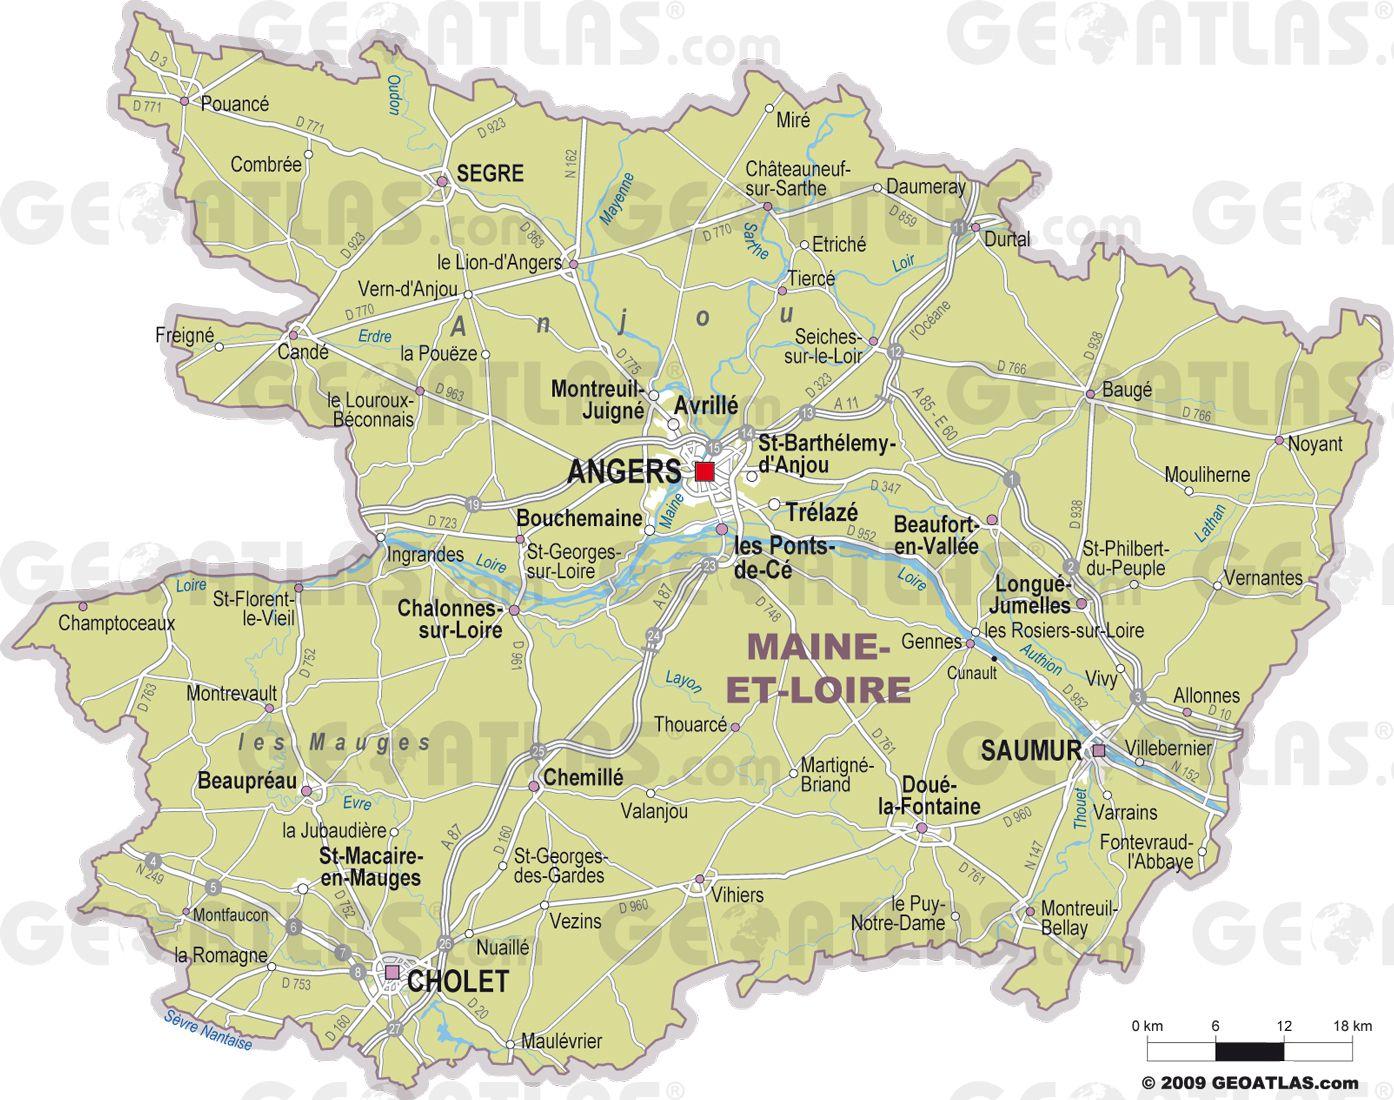 Carte des villes du Maine-et-Loire